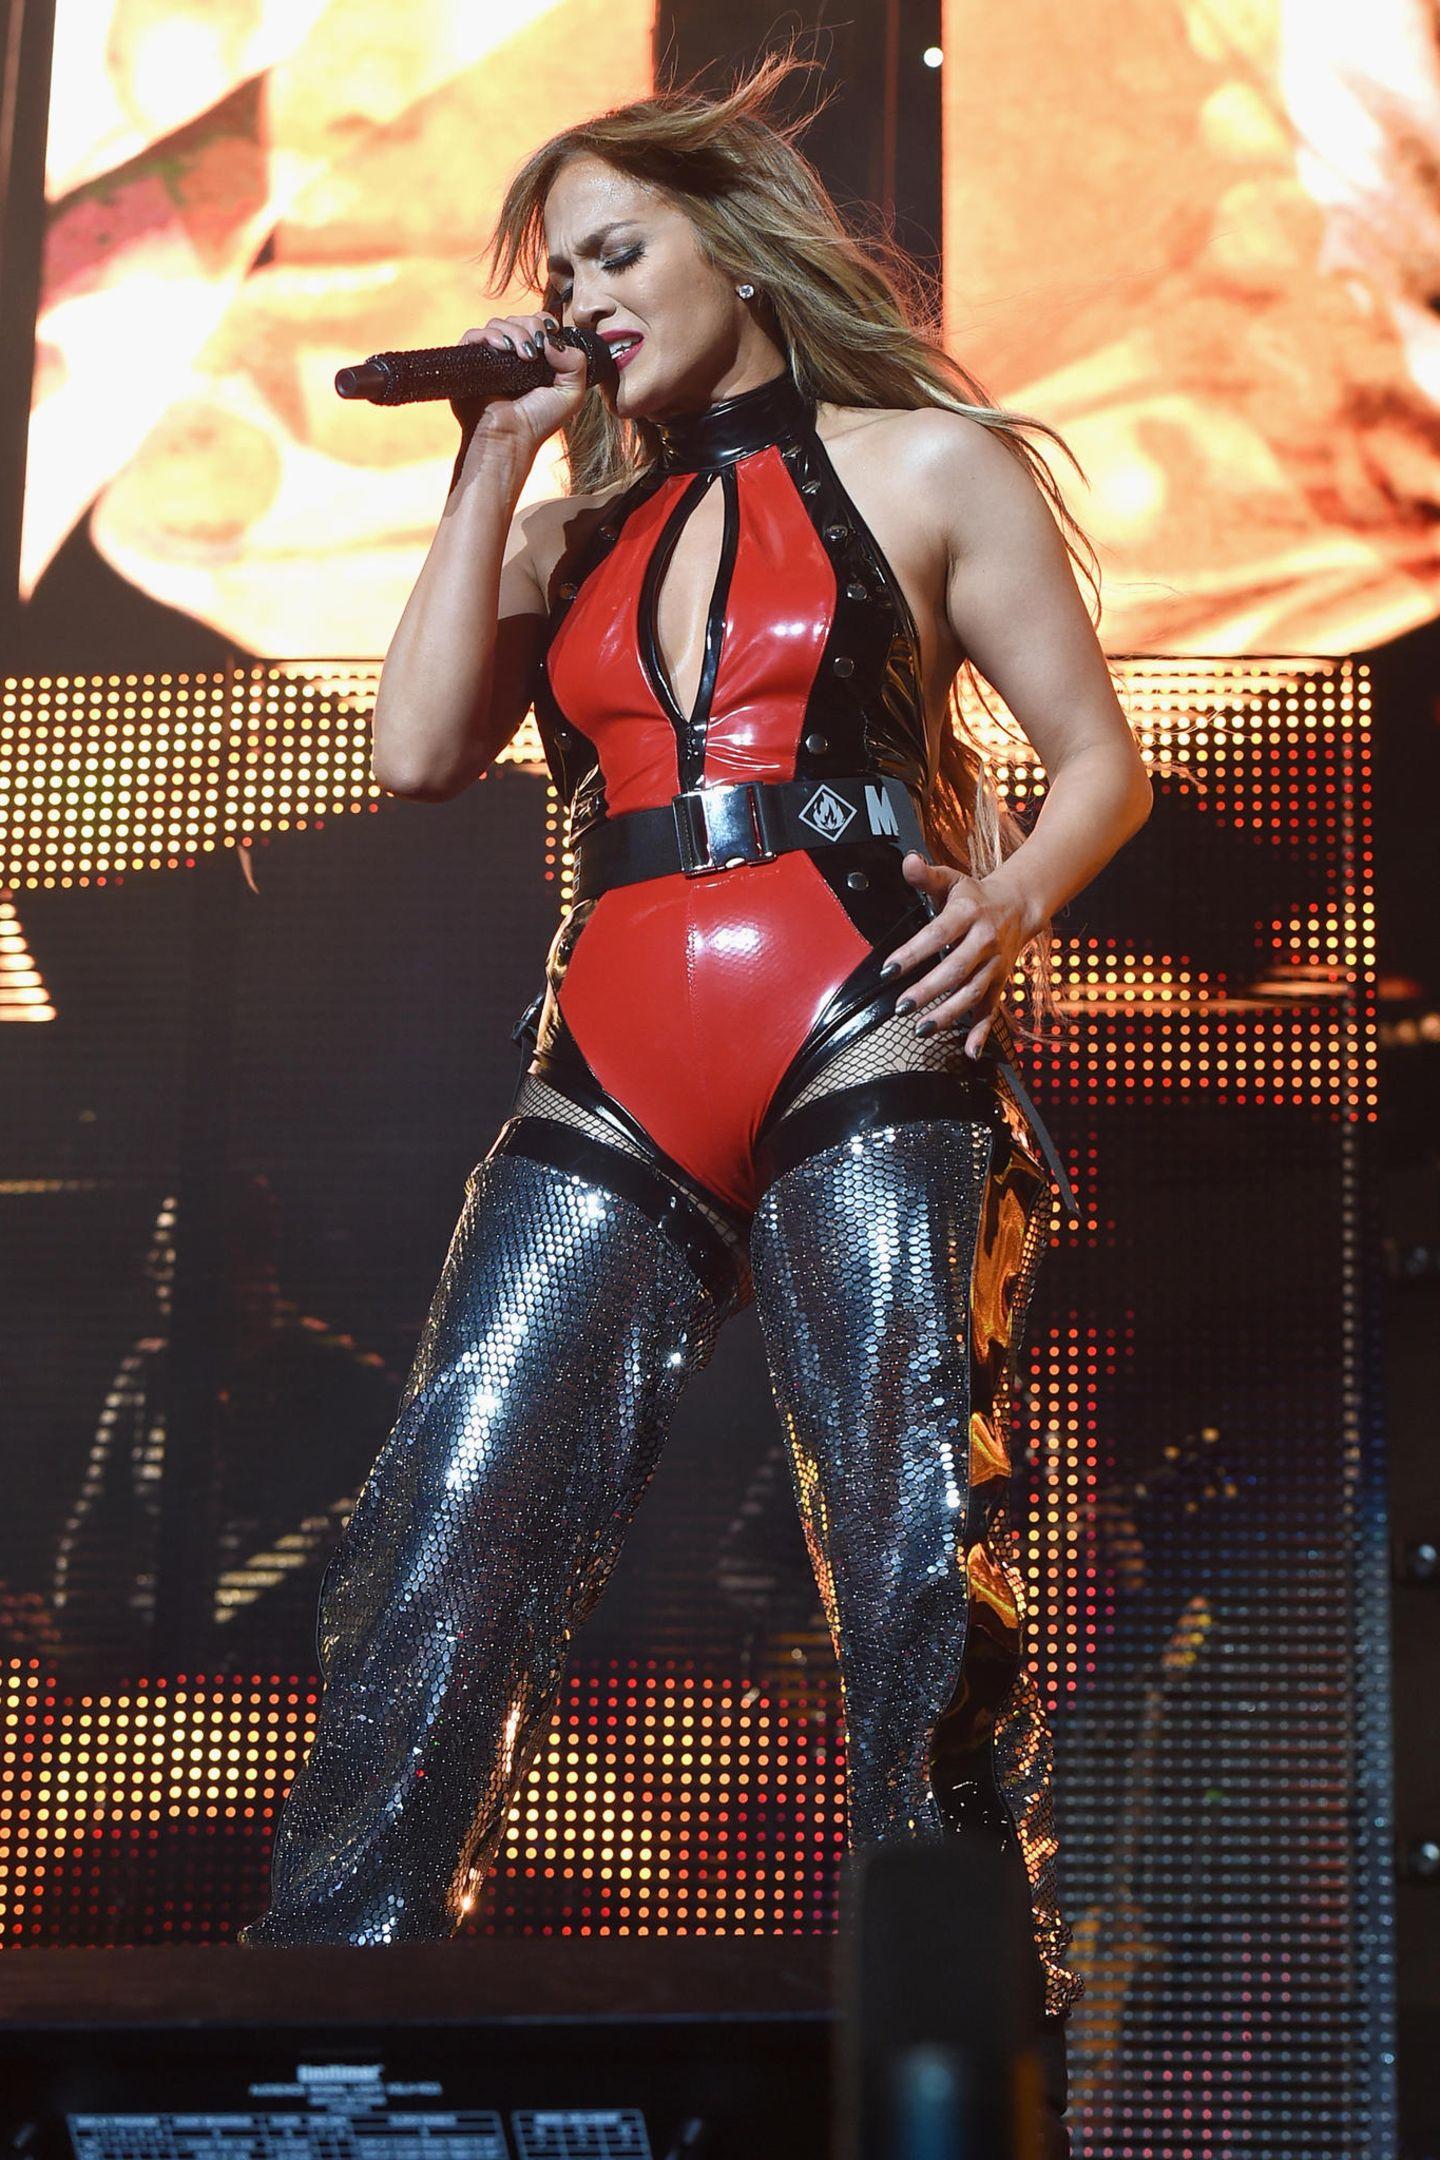 Über 20 Jahre hat sich im Leben von Jennifer Lopez so einiges verändert. Nur in ihrem Kleiderschrank scheint es immer noch gleich auszusehen.